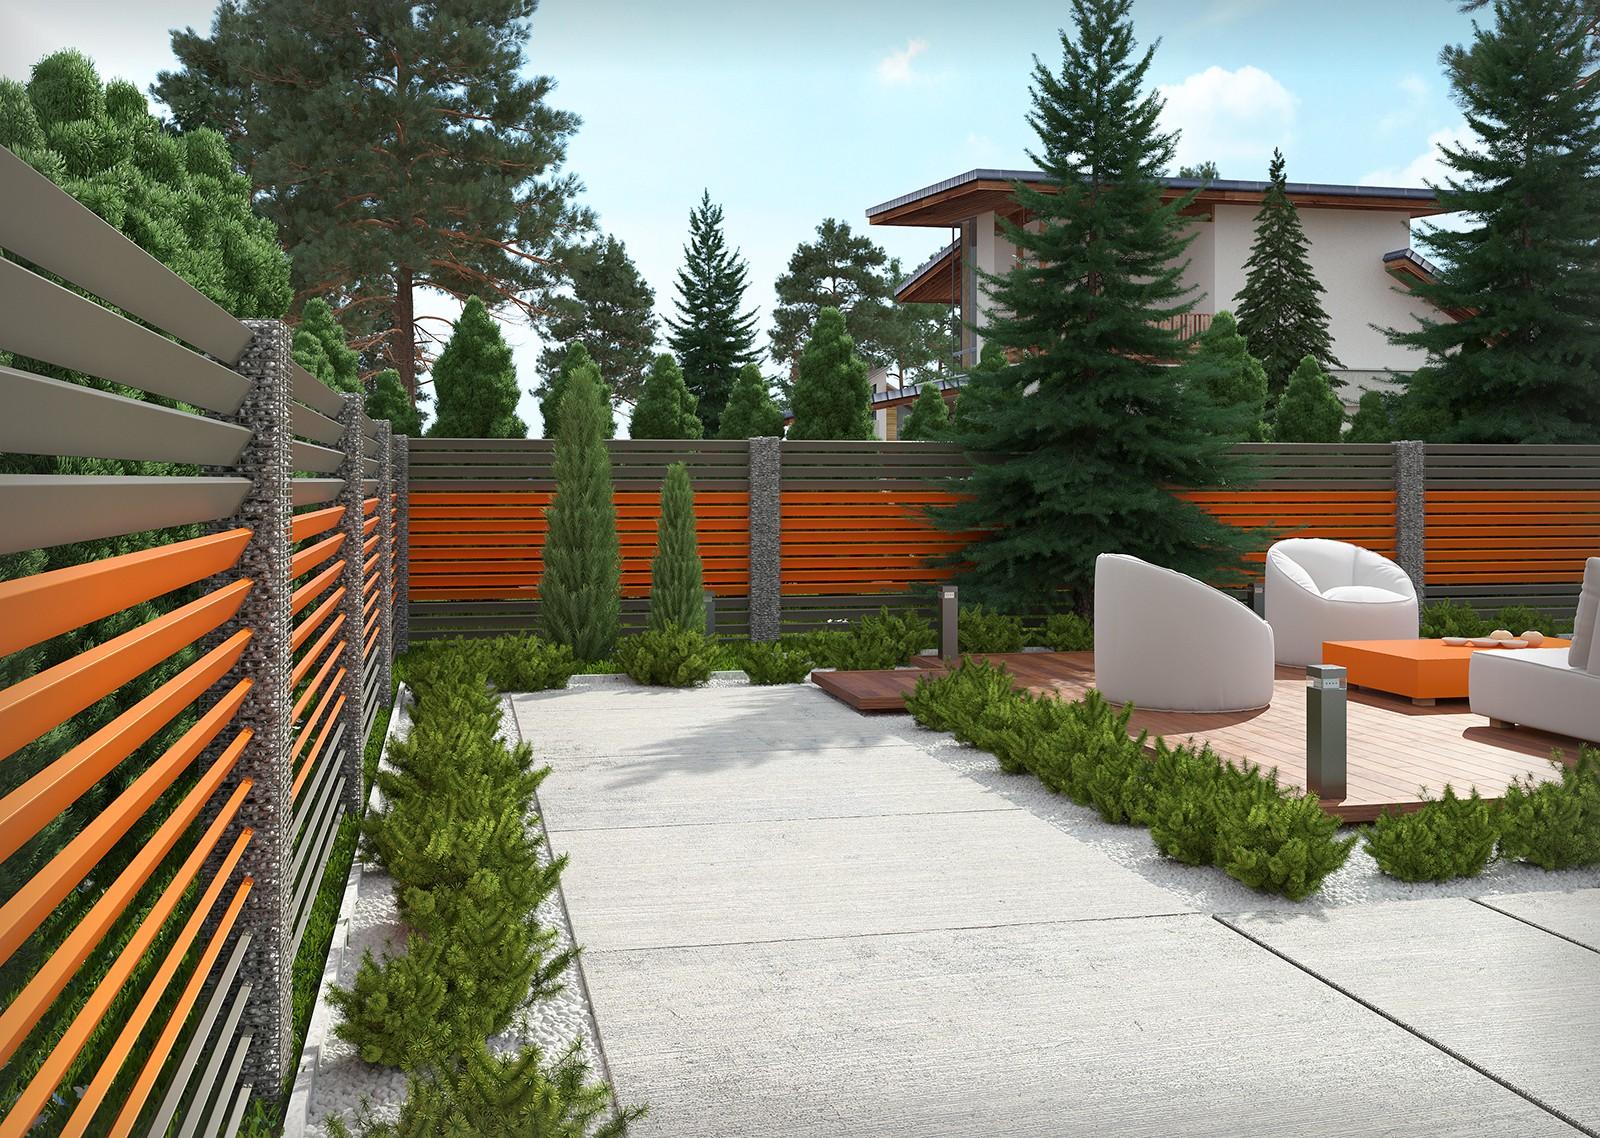 nowoczesny ogród ogrodzony nowoczesnym płotem żaluzja